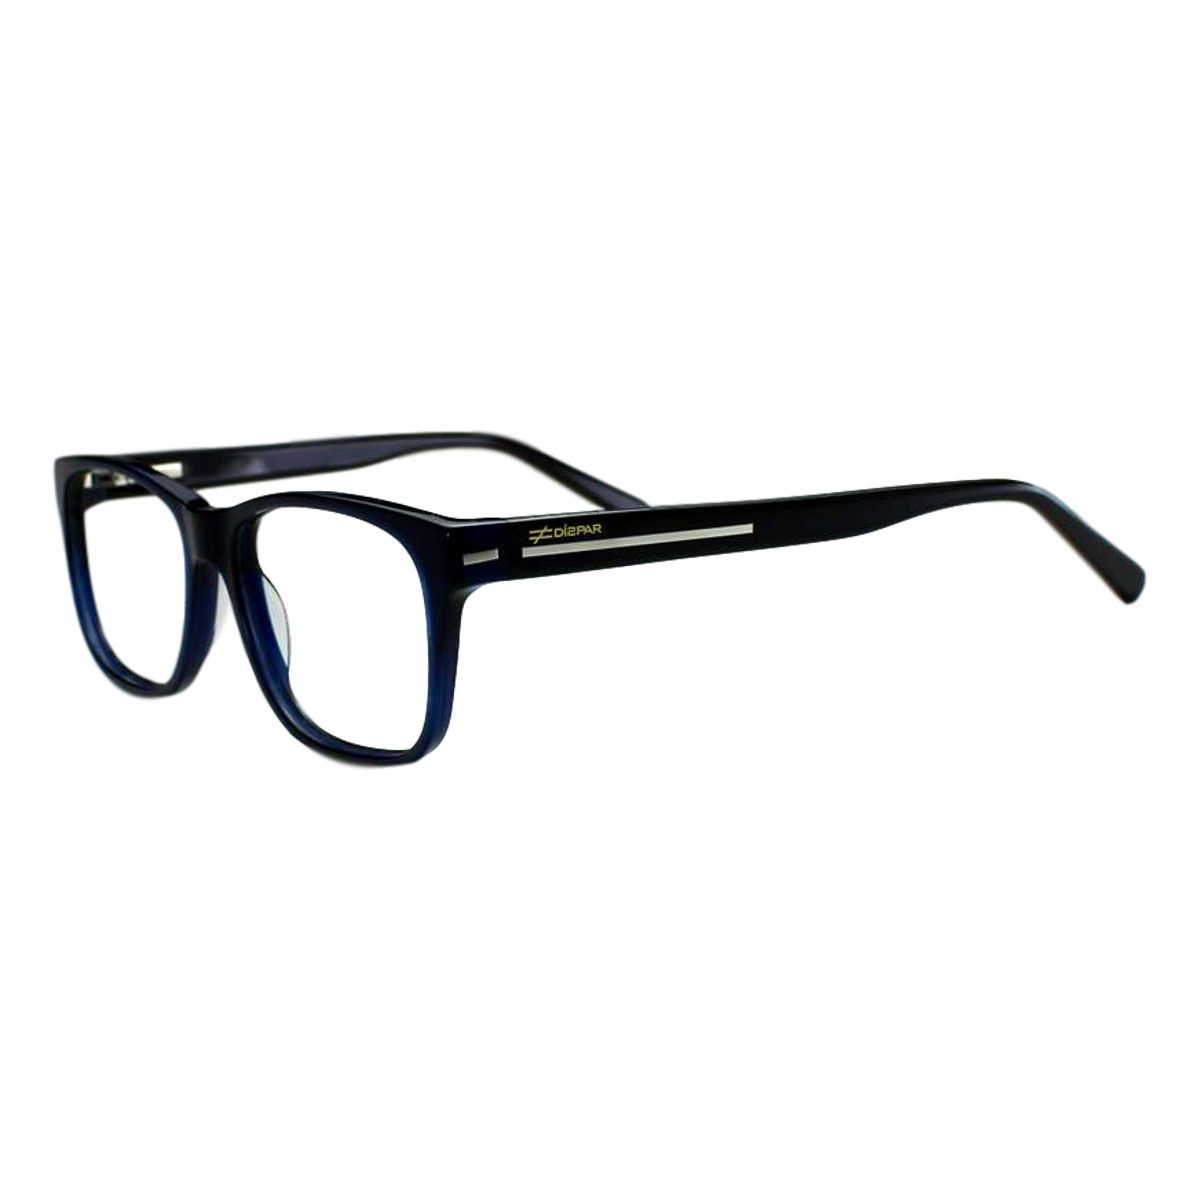 Armação para Óculos Díspar D2011 - Azul Marinho